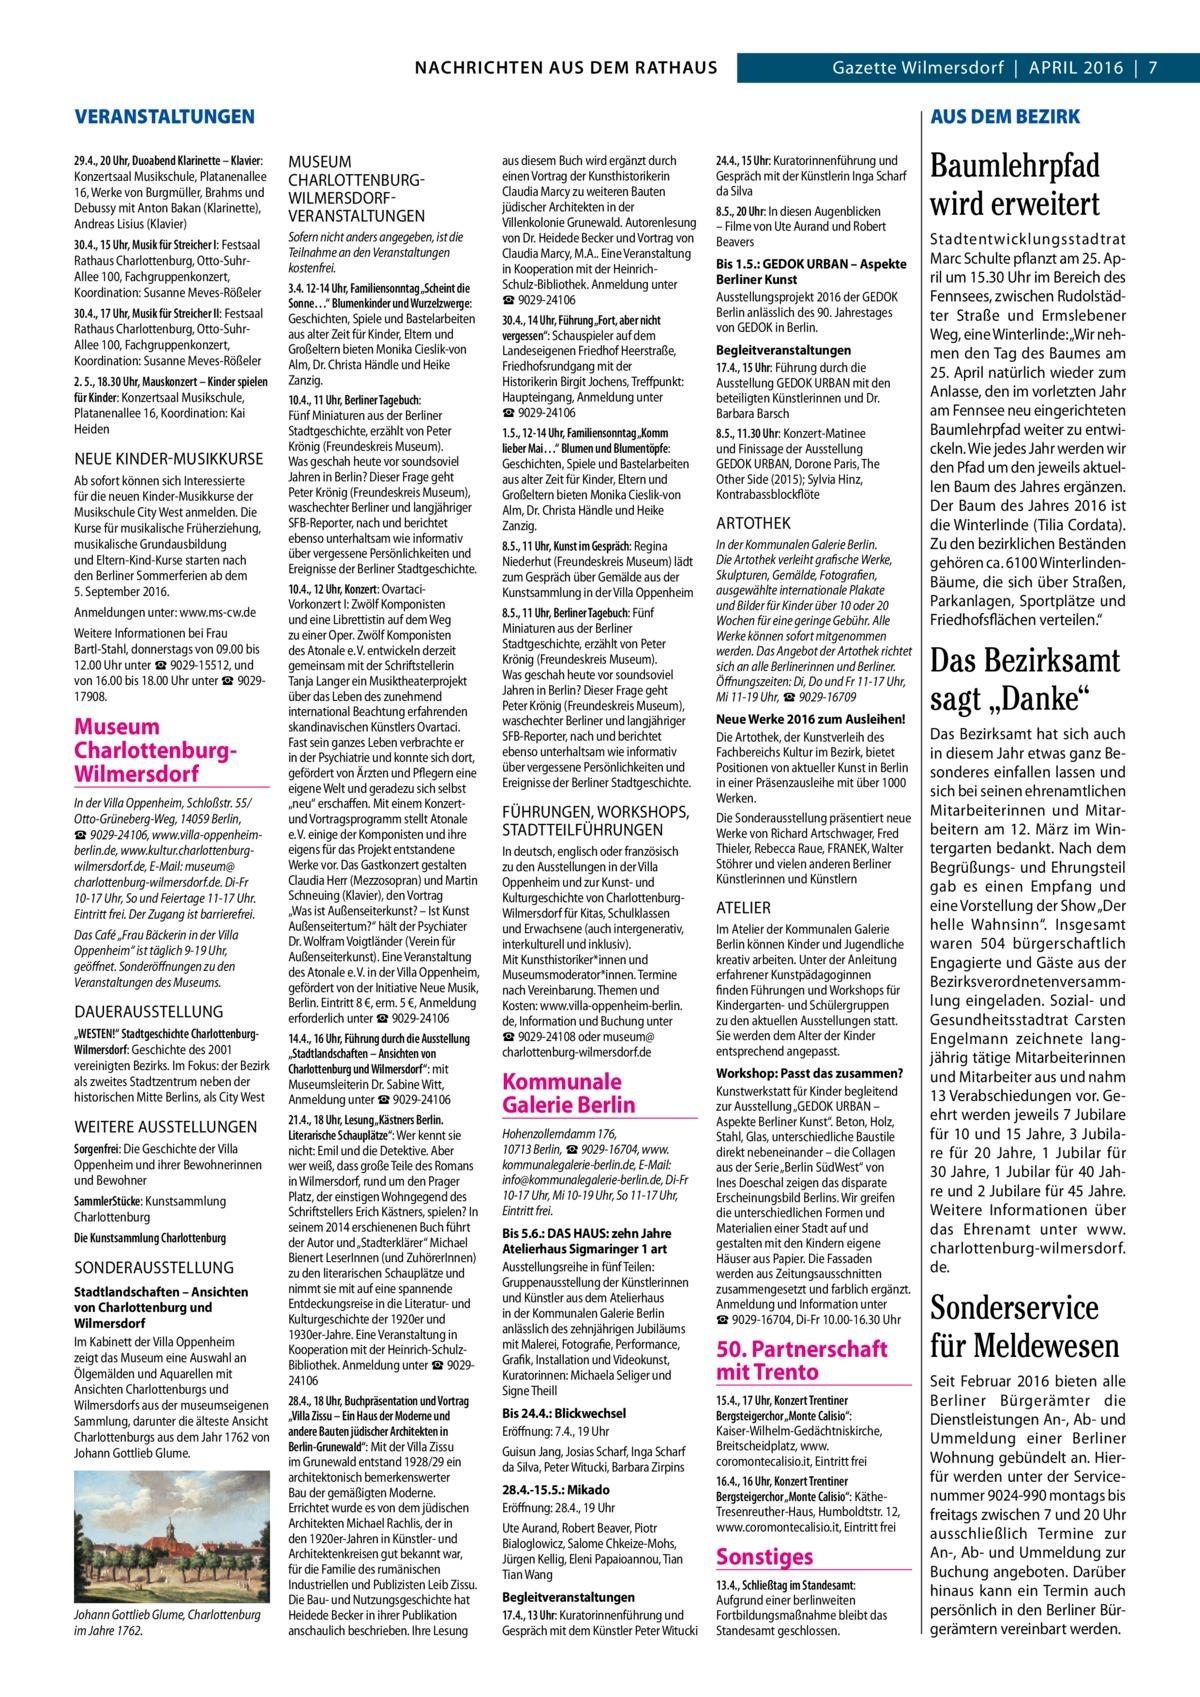 """GAZETTE Wilmersdorf 4/16  NACHRICHTEN AUS RATHAUS NACHRICHTEN AUS DEM DEM RATHAUS  VERANSTALTUNGEN 29.4., 20Uhr, Duoabend Klarinette – Klavier: Konzertsaal Musikschule, Platanenallee 16, Werke von Burgmüller, Brahms und Debussy mit Anton Bakan (Klarinette), Andreas Lisius (Klavier) 30.4., 15Uhr, Musik für Streicher I: Festsaal Rathaus Charlottenburg, Otto-SuhrAllee 100, Fachgruppenkonzert, Koordination: Susanne Meves-Rößeler 30.4., 17Uhr, Musik für Streicher II: Festsaal Rathaus Charlottenburg, Otto-SuhrAllee 100, Fachgruppenkonzert, Koordination: Susanne Meves-Rößeler 2. 5., 18.30Uhr, Mauskonzert – Kinder spielen für Kinder: Konzertsaal Musikschule, Platanenallee 16, Koordination: Kai Heiden  NEUE KiNDEr-MUSiKKUrSE Ab sofort können sich Interessierte für die neuen Kinder-Musikkurse der Musikschule City West anmelden. Die Kurse für musikalische Früherziehung, musikalische Grundausbildung und Eltern-Kind-Kurse starten nach den Berliner Sommerferien ab dem 5.September 2016. Anmeldungen unter: www.ms-cw.de Weitere Informationen bei Frau Bartl-Stahl, donnerstags von 09.00 bis 12.00Uhr unter ☎9029-15512, und von 16.00 bis 18.00Uhr unter ☎902917908.  Museum CharlottenburgWilmersdorf In der Villa Oppenheim, Schloßstr.55/ Otto-Grüneberg-Weg, 14059Berlin, ☎9029-24106, www.villa-oppenheimberlin.de, www.kultur.charlottenburgwilmersdorf.de, E-Mail: museum@ charlottenburg-wilmersdorf.de. Di-Fr 10-17Uhr, So und Feiertage 11-17Uhr. Eintritt frei. Der Zugang ist barrierefrei. Das Café """"Frau Bäckerin in der Villa Oppenheim"""" ist täglich 9-19Uhr, geöffnet. Sonderöffnungen zu den Veranstaltungen des Museums.  DAUErAUSSTEllUNG """"WESTEN!"""" Stadtgeschichte CharlottenburgWilmersdorf: Geschichte des 2001 vereinigten Bezirks. Im Fokus: der Bezirk als zweites Stadtzentrum neben der historischen Mitte Berlins, als City West  WEiTErE AUSSTEllUNGEN Sorgenfrei: Die Geschichte der Villa Oppenheim und ihrer Bewohnerinnen und Bewohner SammlerStücke: Kunstsammlung Charlottenburg Die Kunstsammlung Charl"""